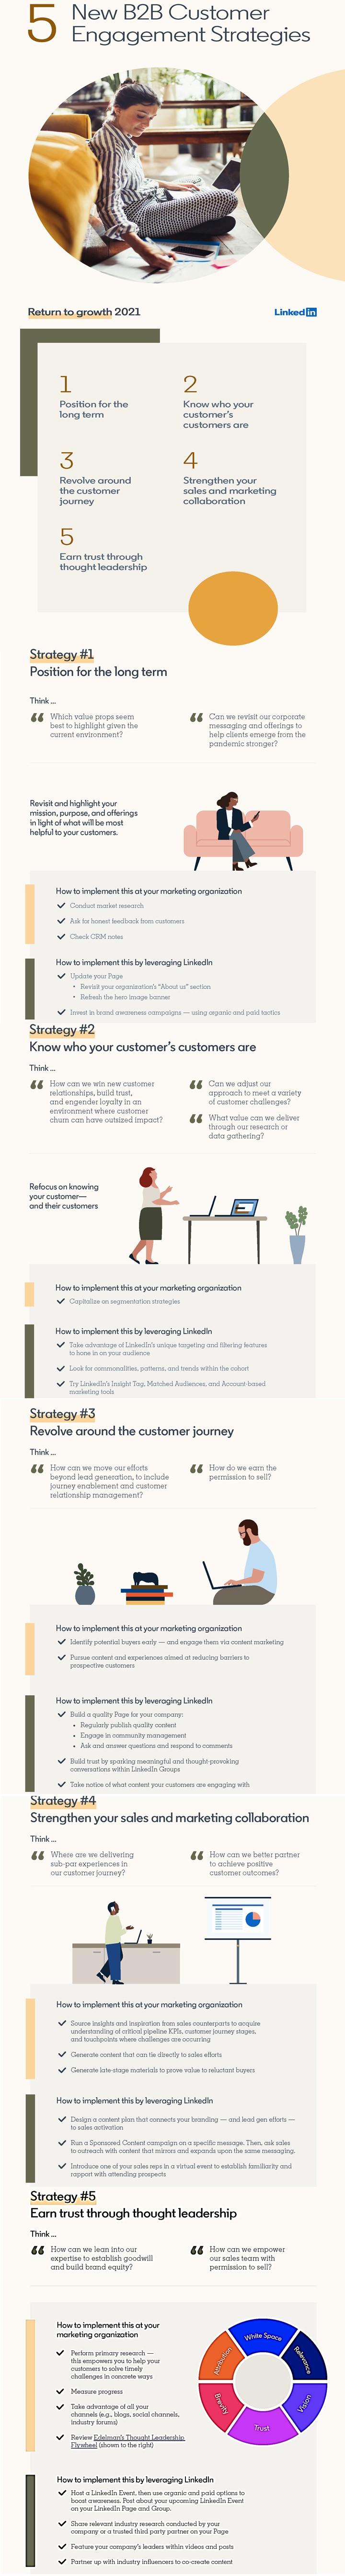 LinkedIn Tips for B2B Customer Engagement